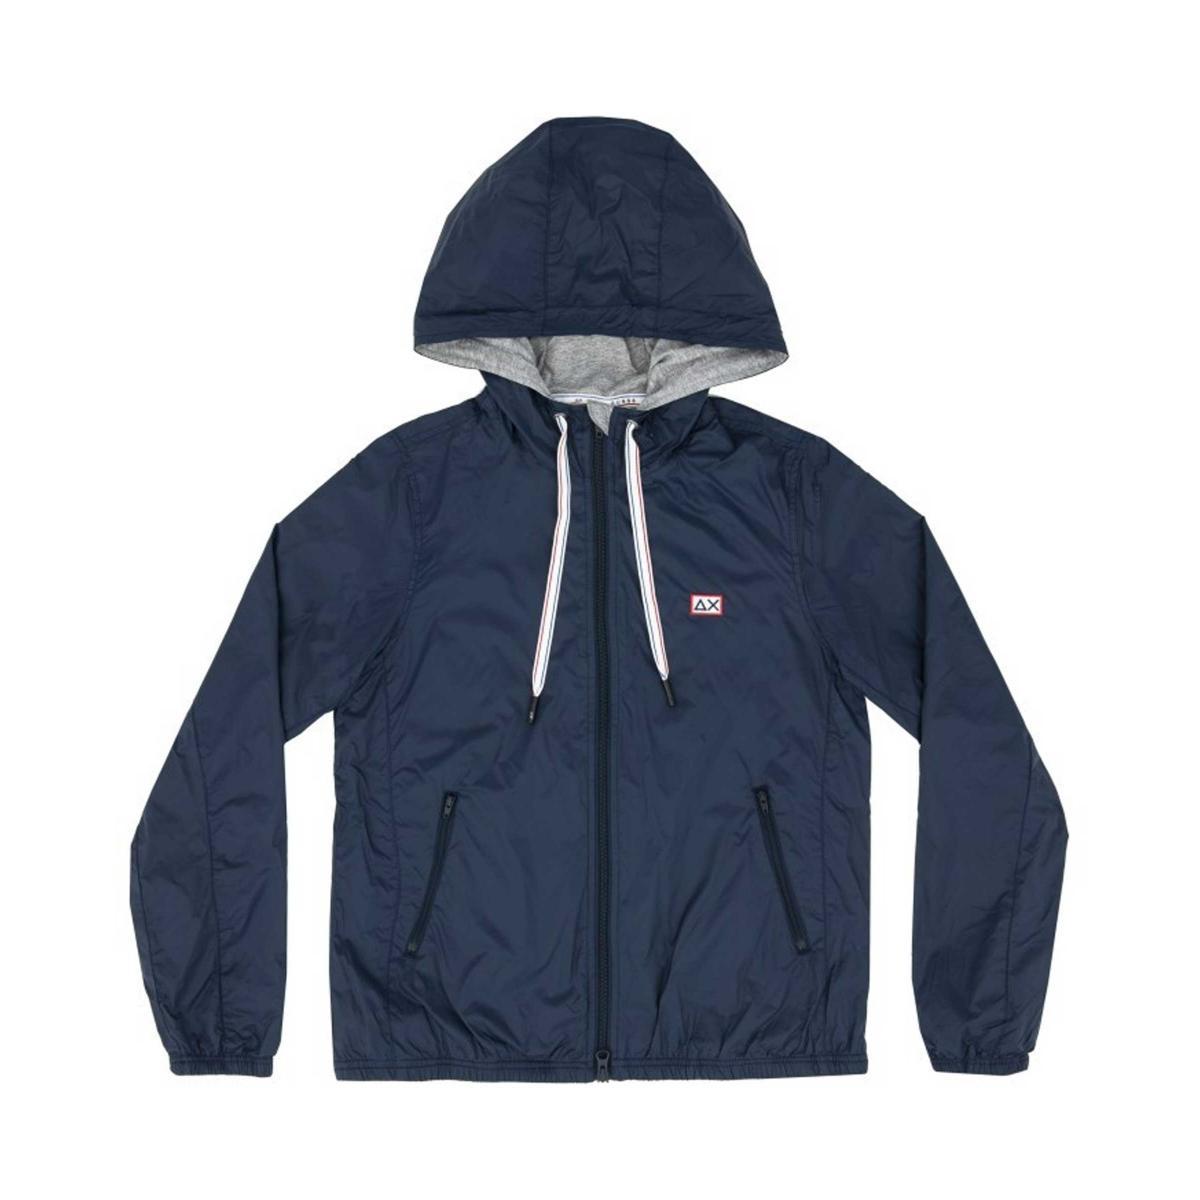 Giubbotto SUN68 Rain Jacket Heritage con cappuccio da donna rif. R19202